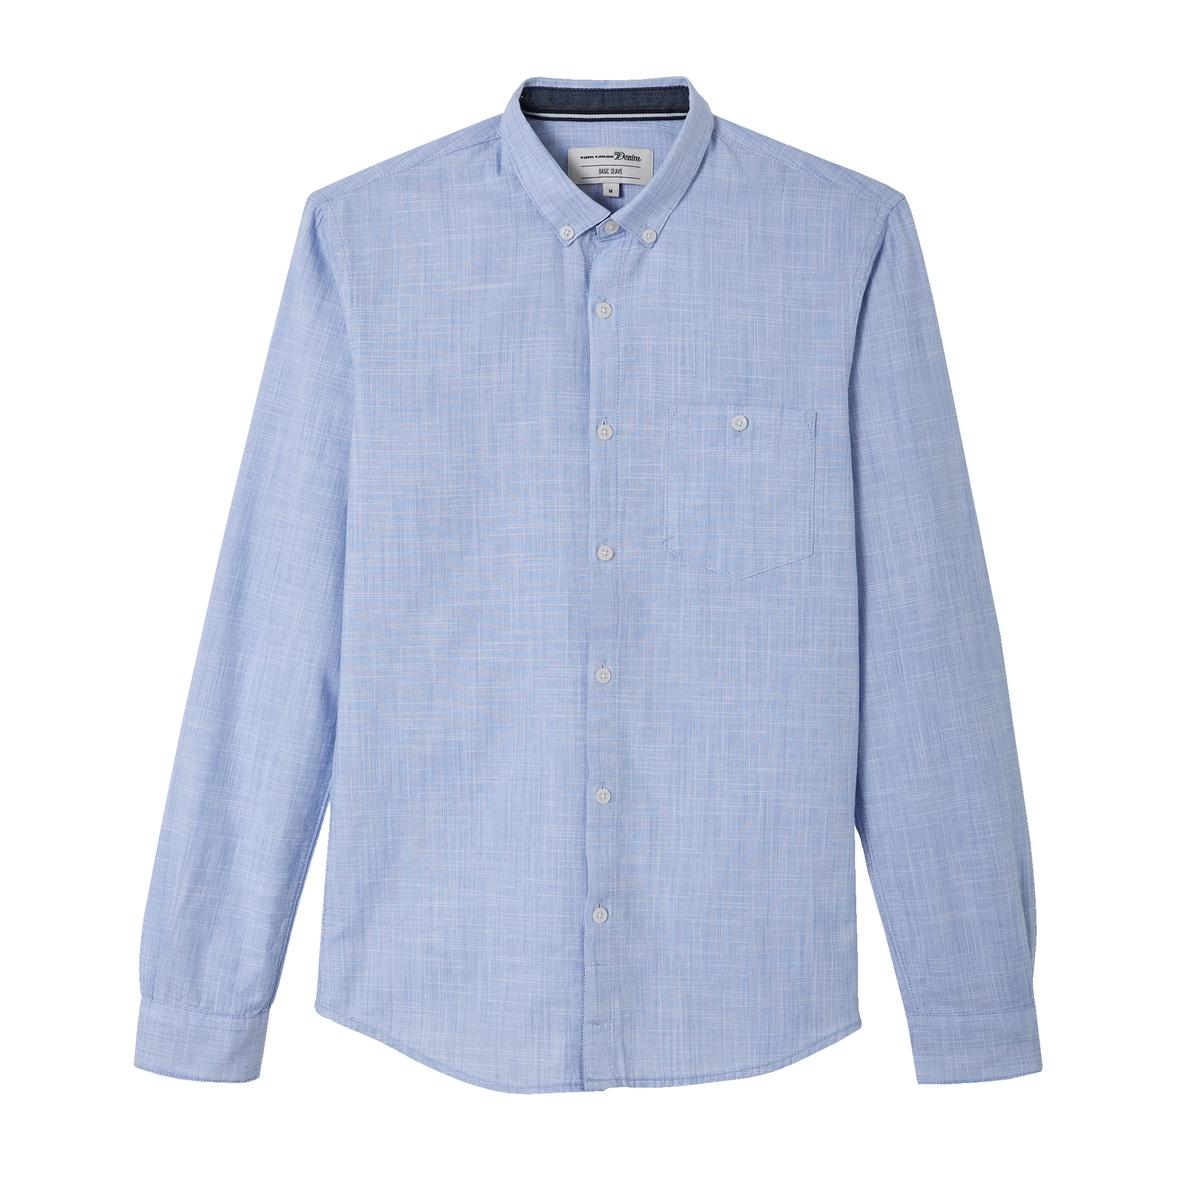 Рубашка однотонная с длинными рукавамиОписание:Детали •  Длинные рукава •  Приталенный покрой  •  Классический воротникСостав и уход •  100% хлопок •  Следуйте рекомендациям по уходу, указанным на этикетке изделия<br><br>Цвет: небесно-голубой,синий морской<br>Размер: L